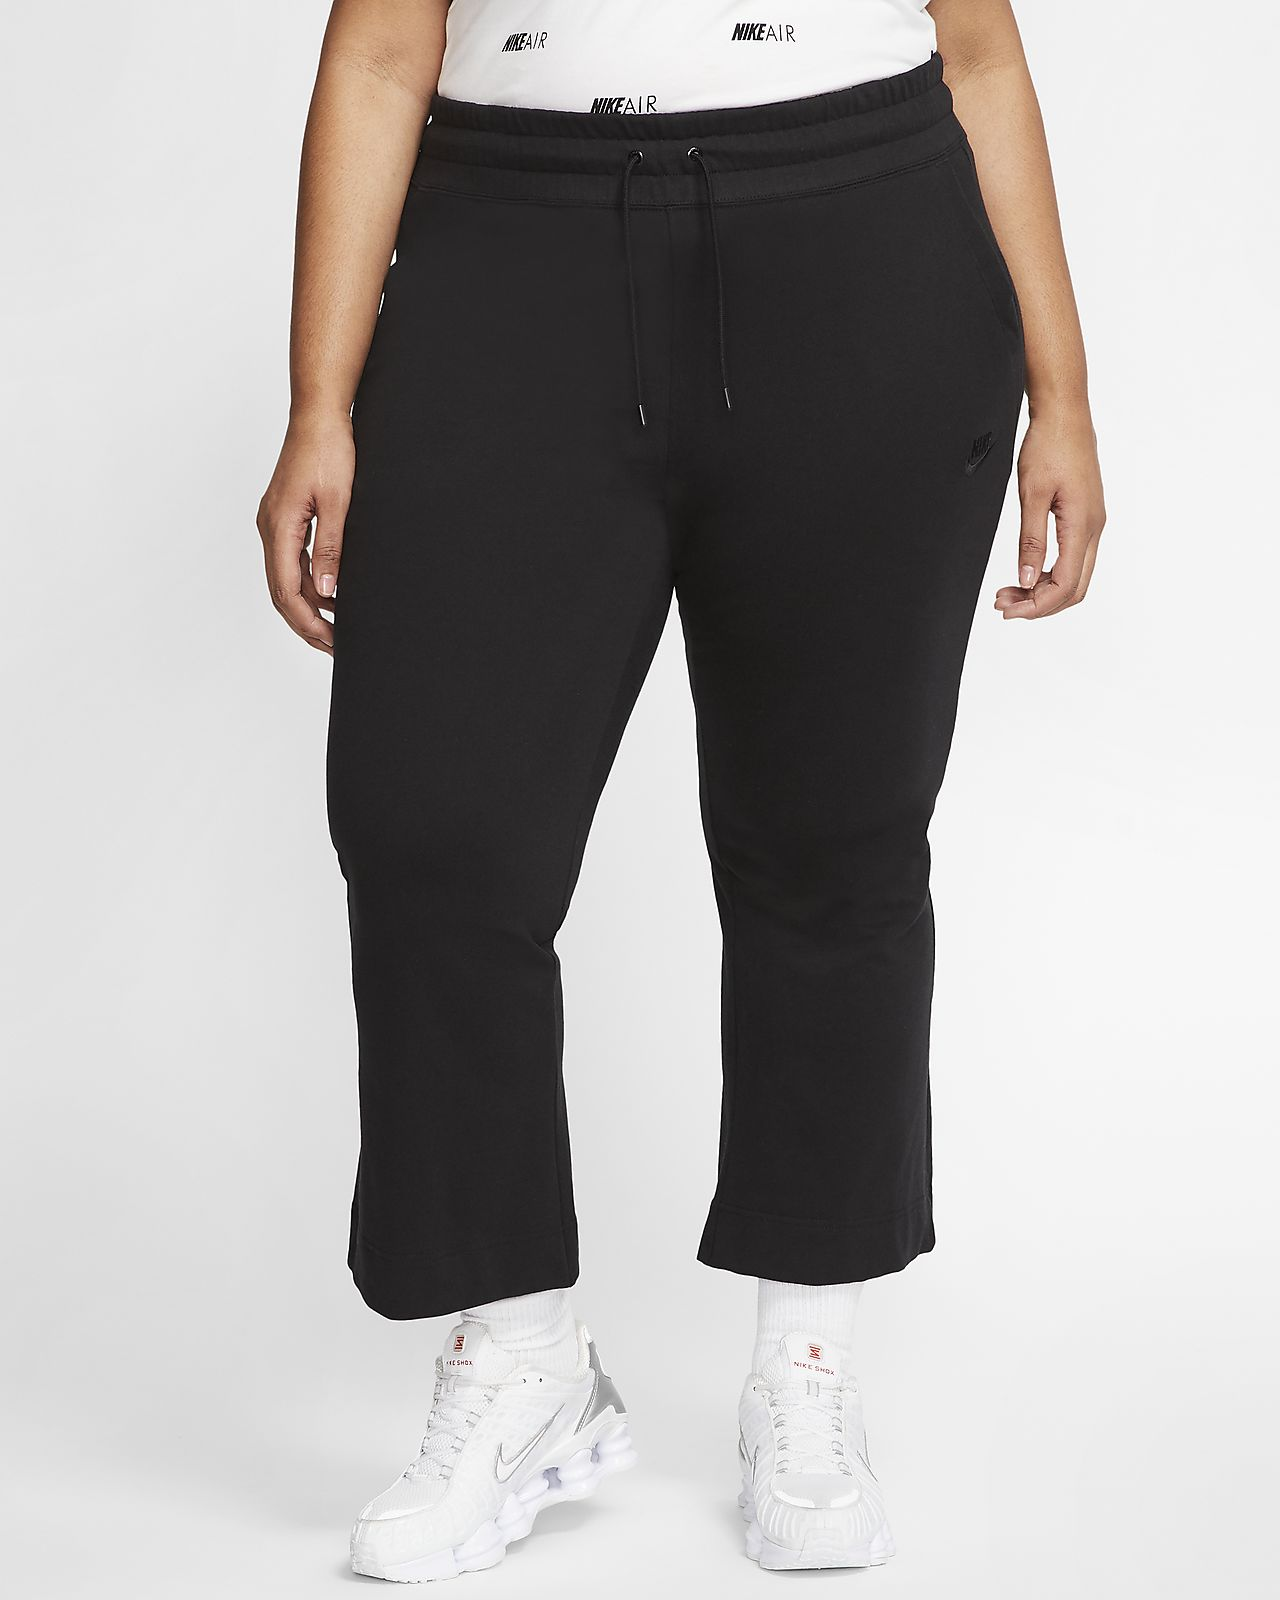 Nike Sportswear Women's Jersey Pants (Plus Size)